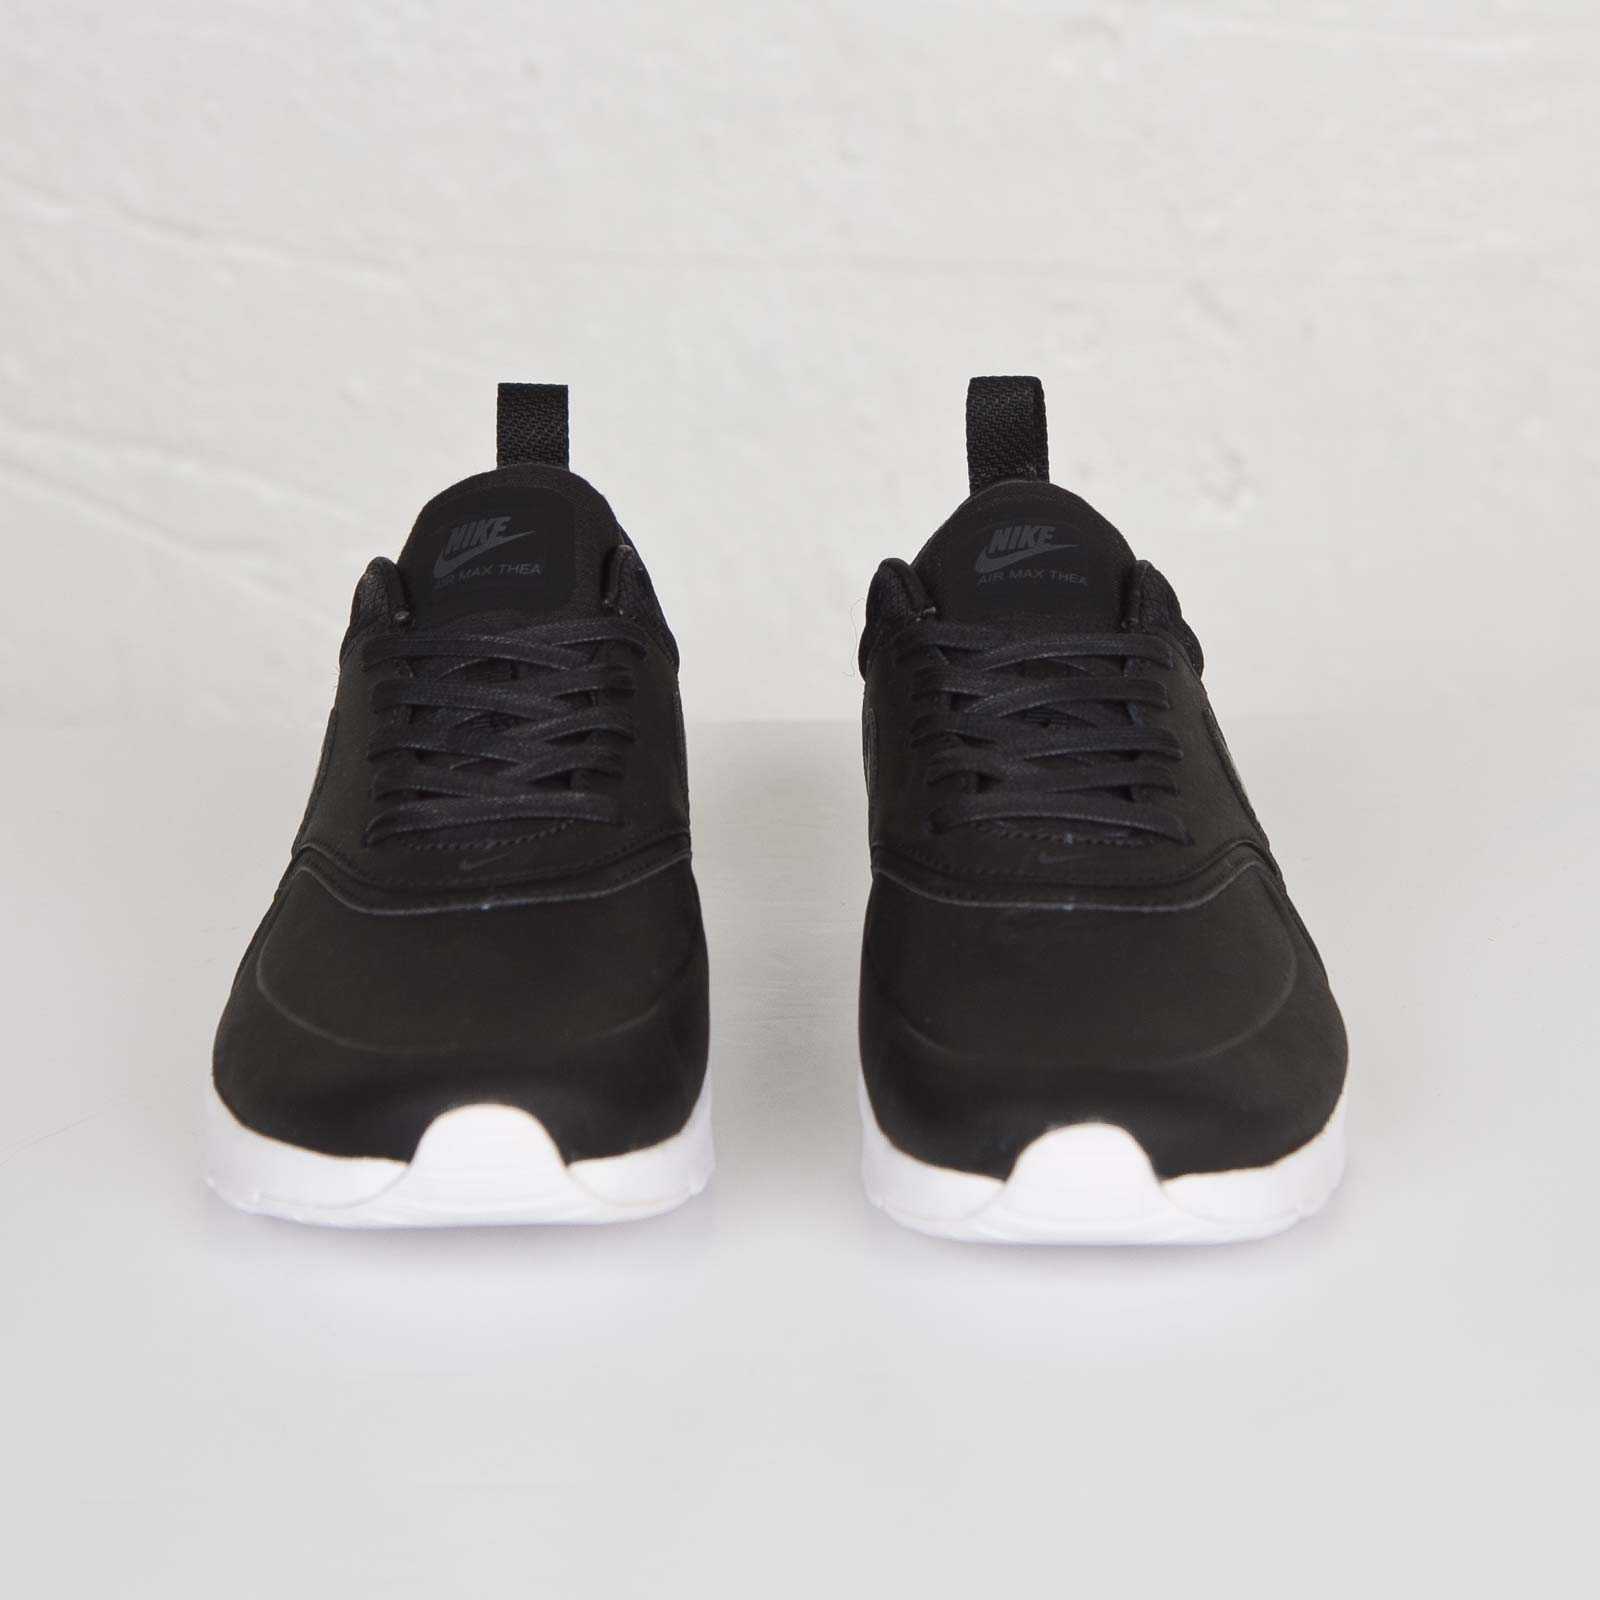 Nike Wmns Air Max Thea Premium - 616723-007 - Sneakersnstuff ... fba16de9f